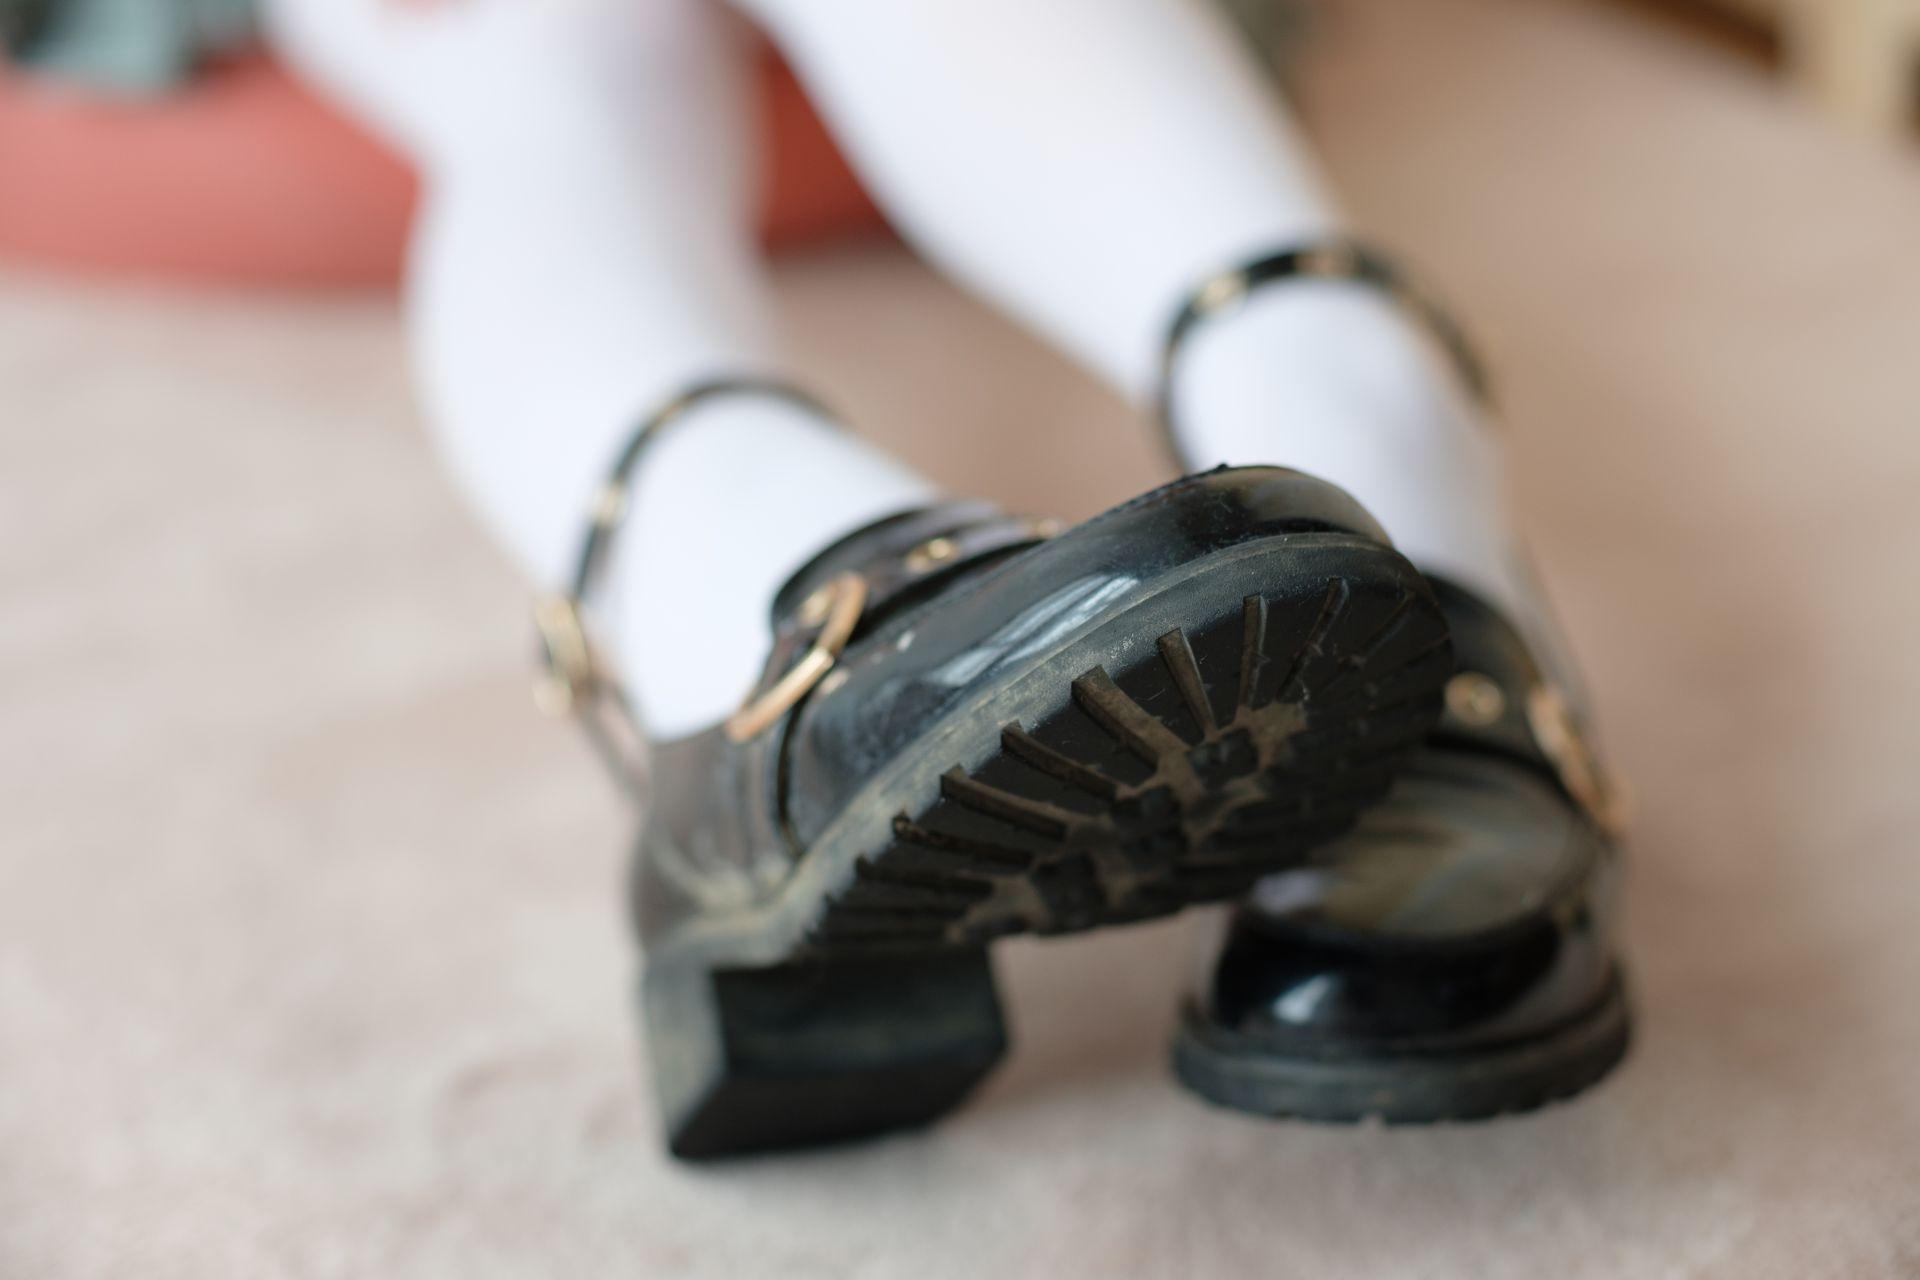 【森萝财团】森萝财团写真 - BETA-023 JK白丝少女的美足 [225P-1.77GB] BETA系列 第5张